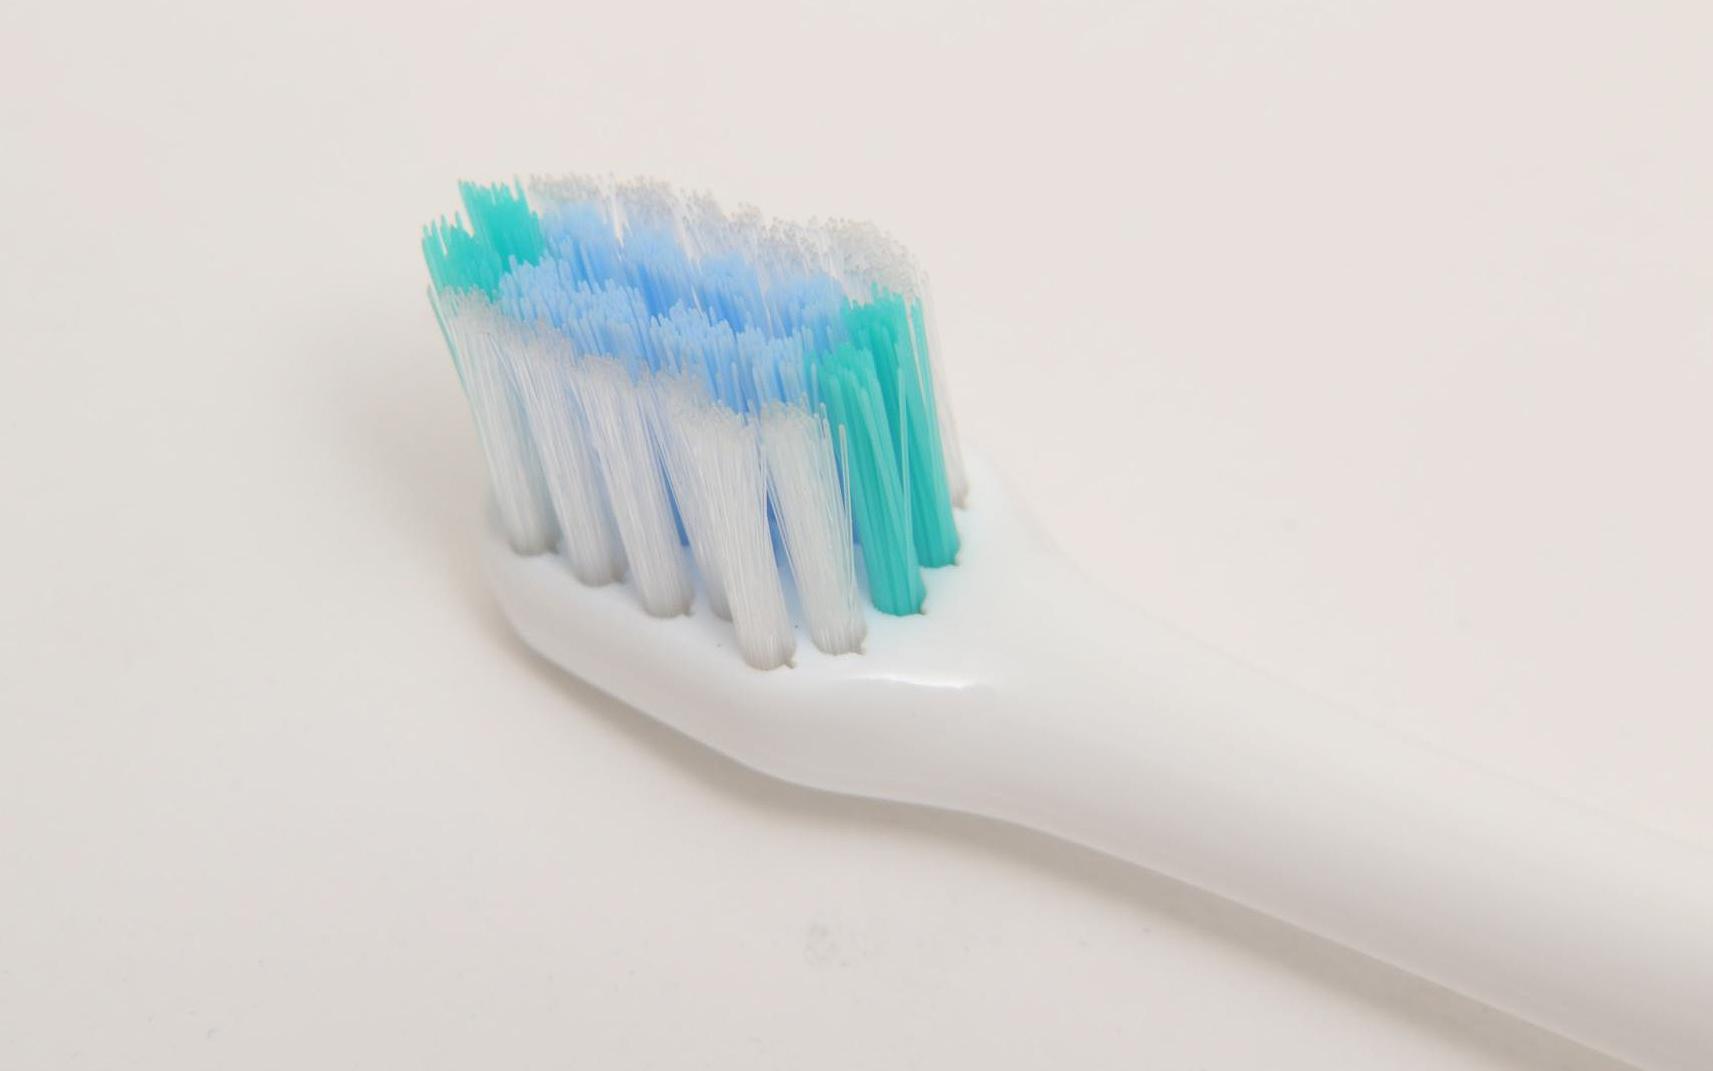 マルチフィットブラシは、普段使い用。歯の側面やかみ合わせ面の歯垢を落としたいときに利用する。ただし歯周ポケットは磨けないので注意。